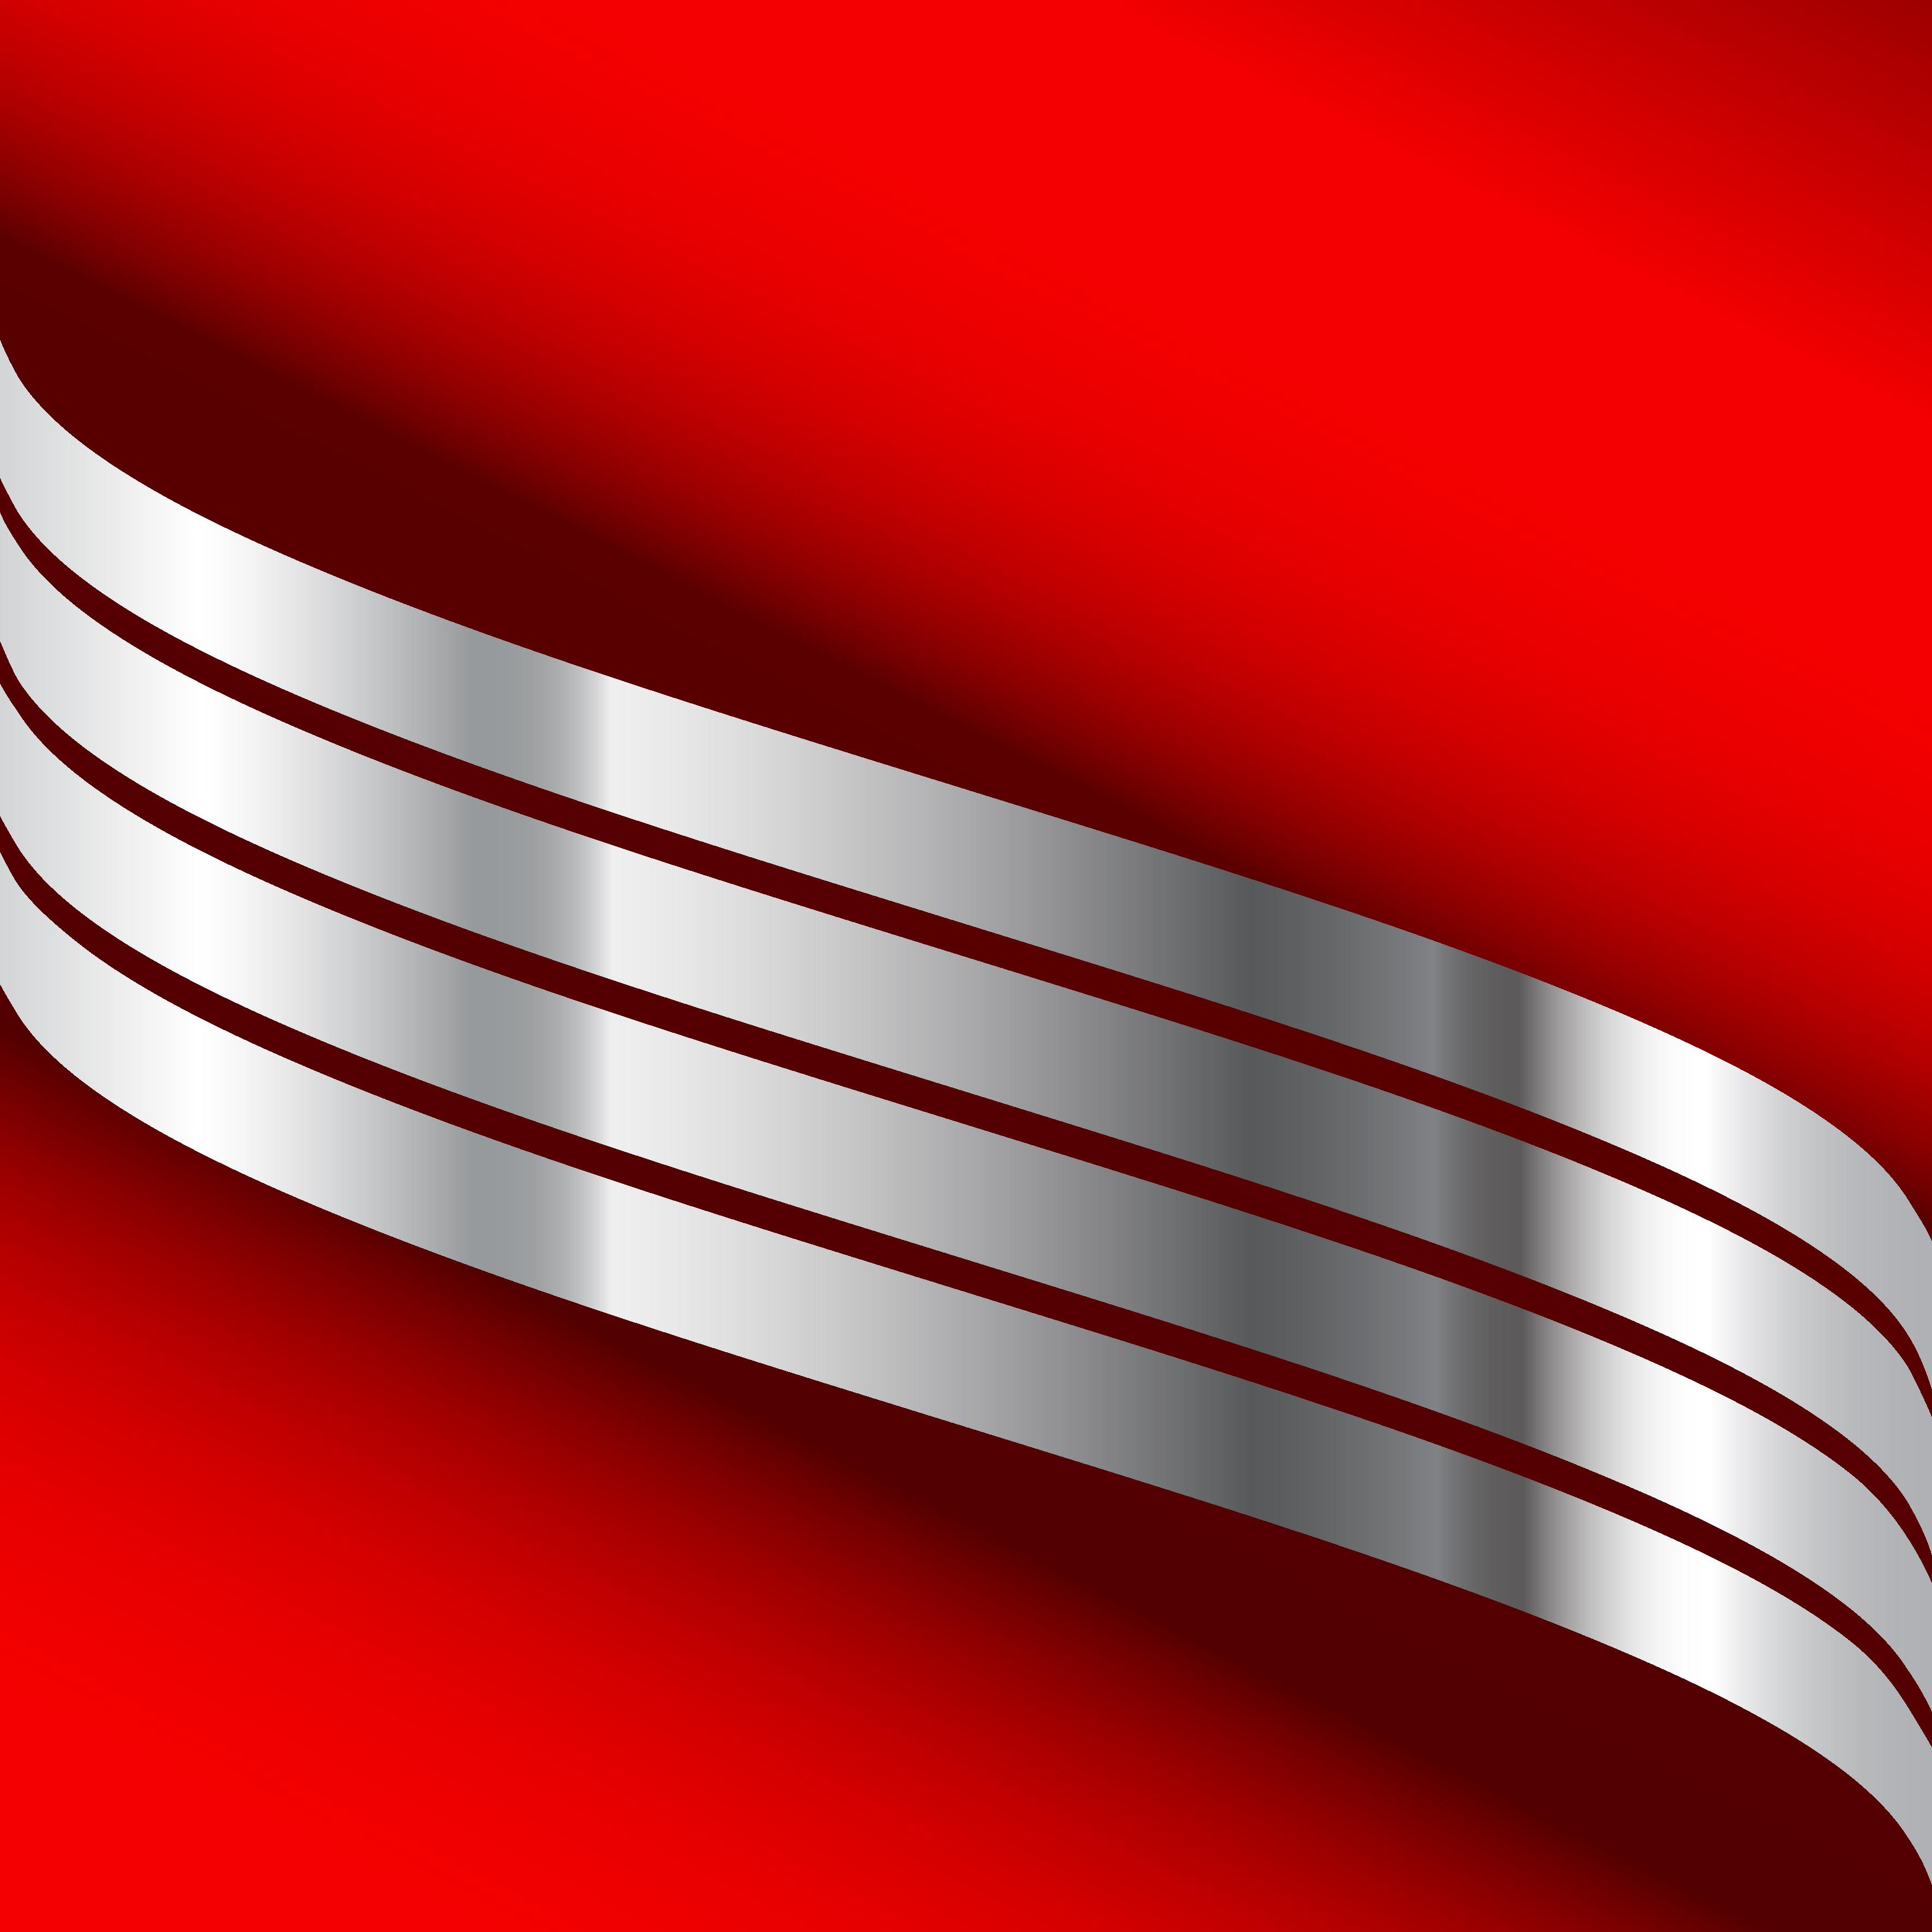 linha de fundo vermelho com prata prata a linha fundo